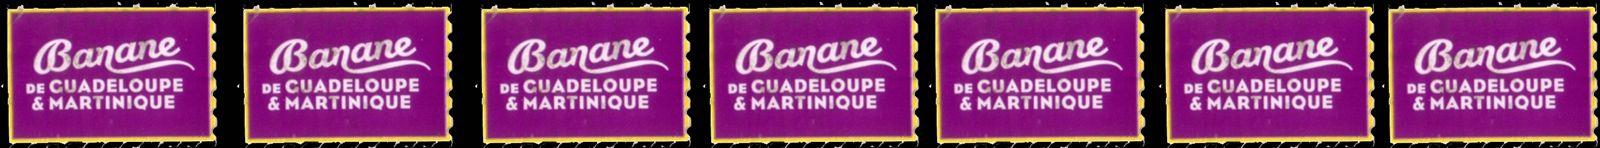 Etiquette_Banane_de_Guadeloupe_et_Martinique_Violet [1600x1200]